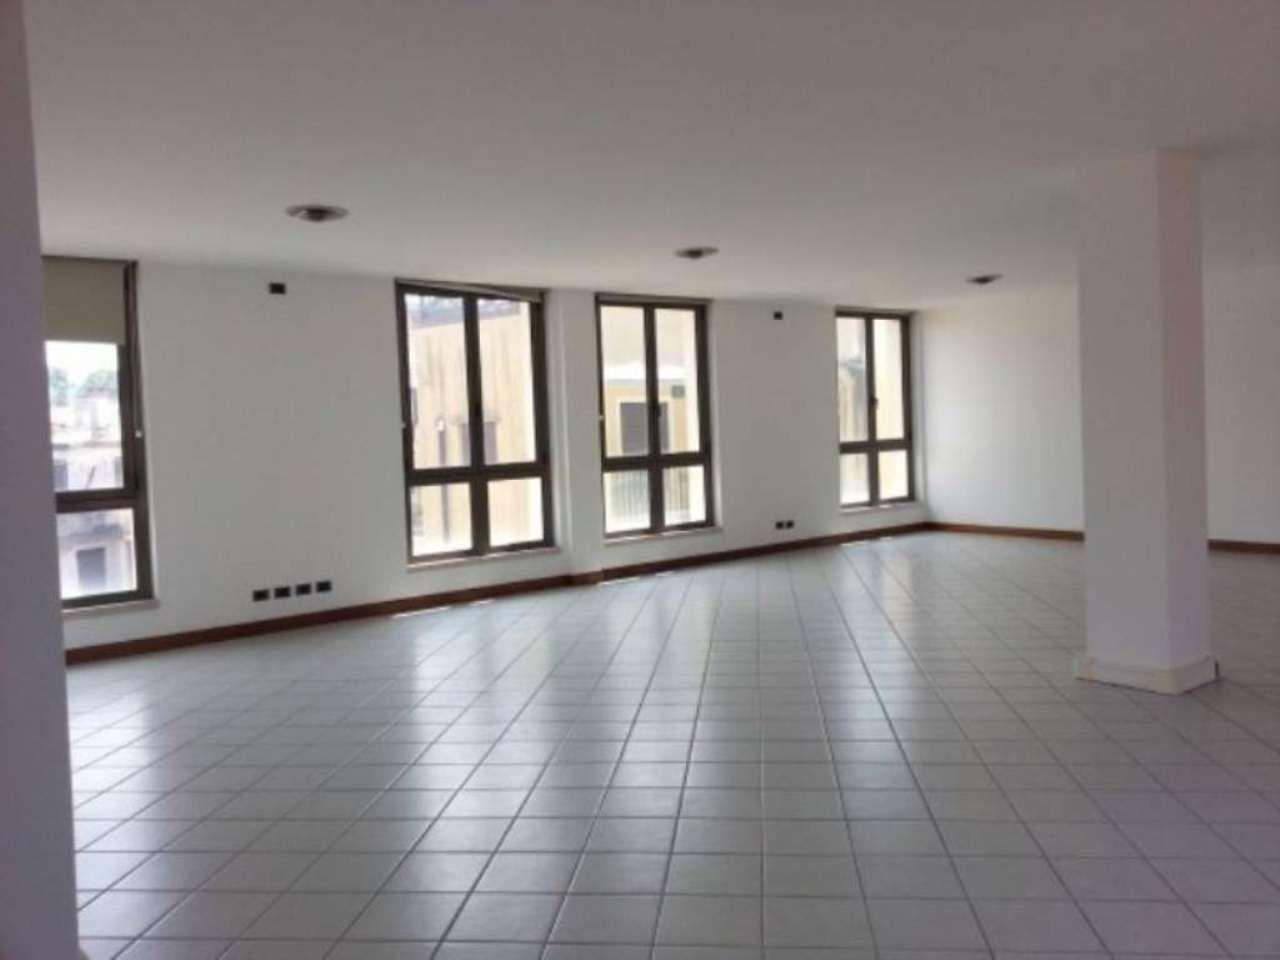 Ufficio / Studio in affitto a Mirano, 2 locali, prezzo € 854 | CambioCasa.it